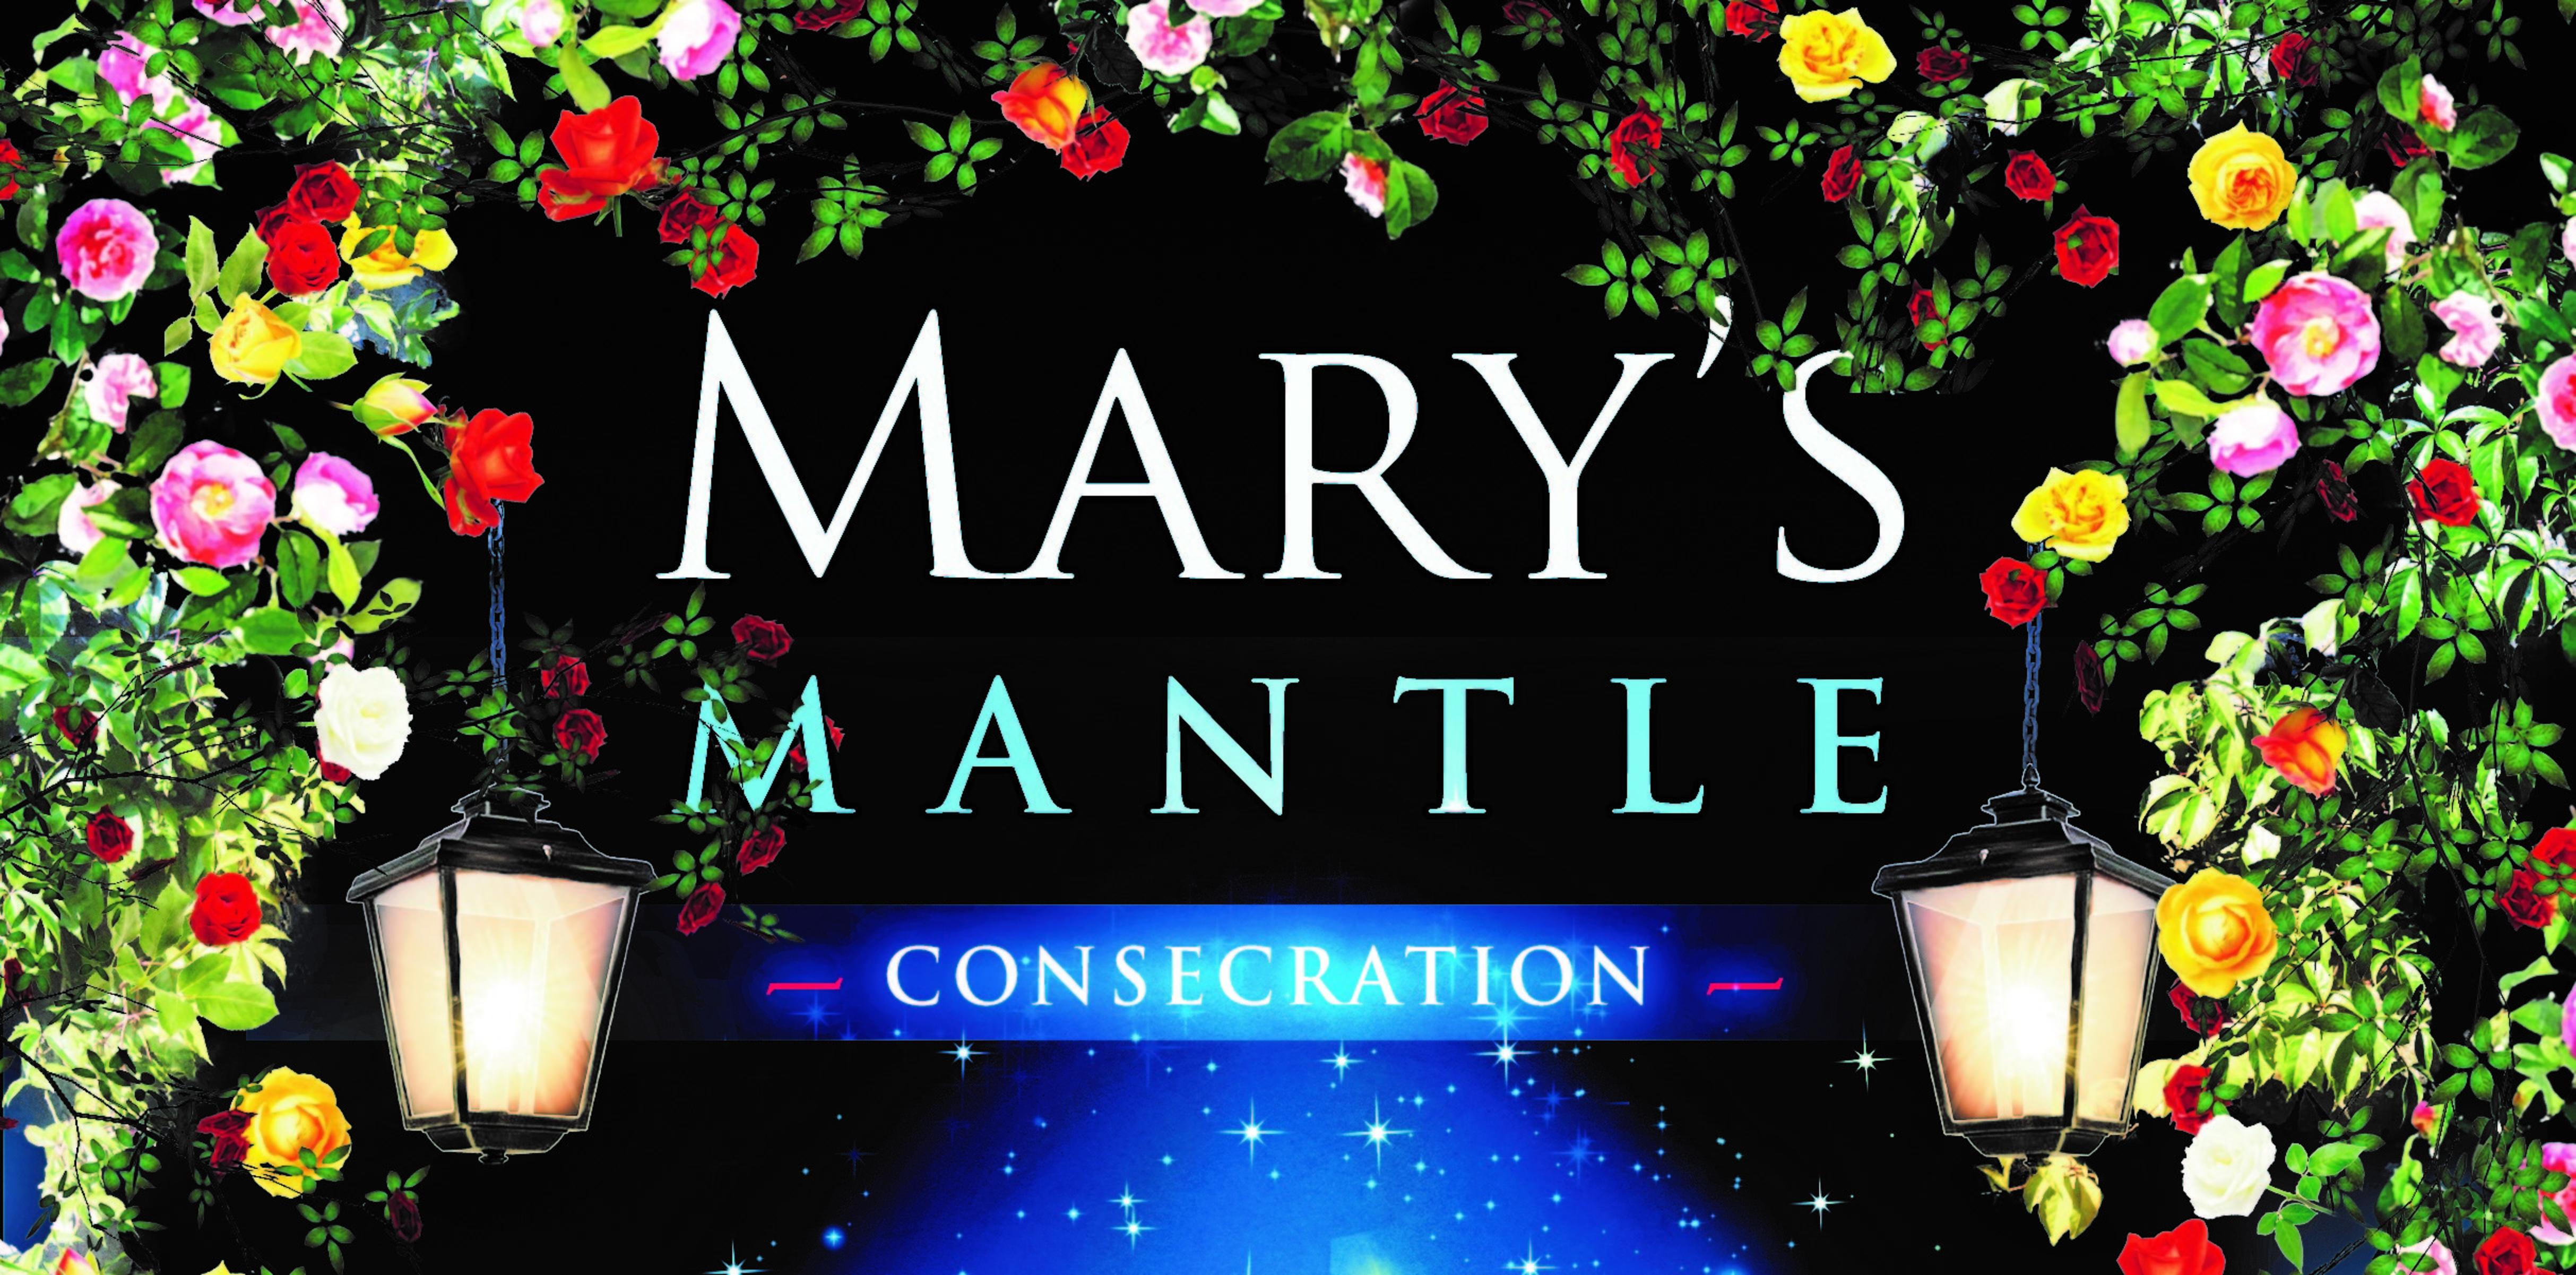 Marys Mantle